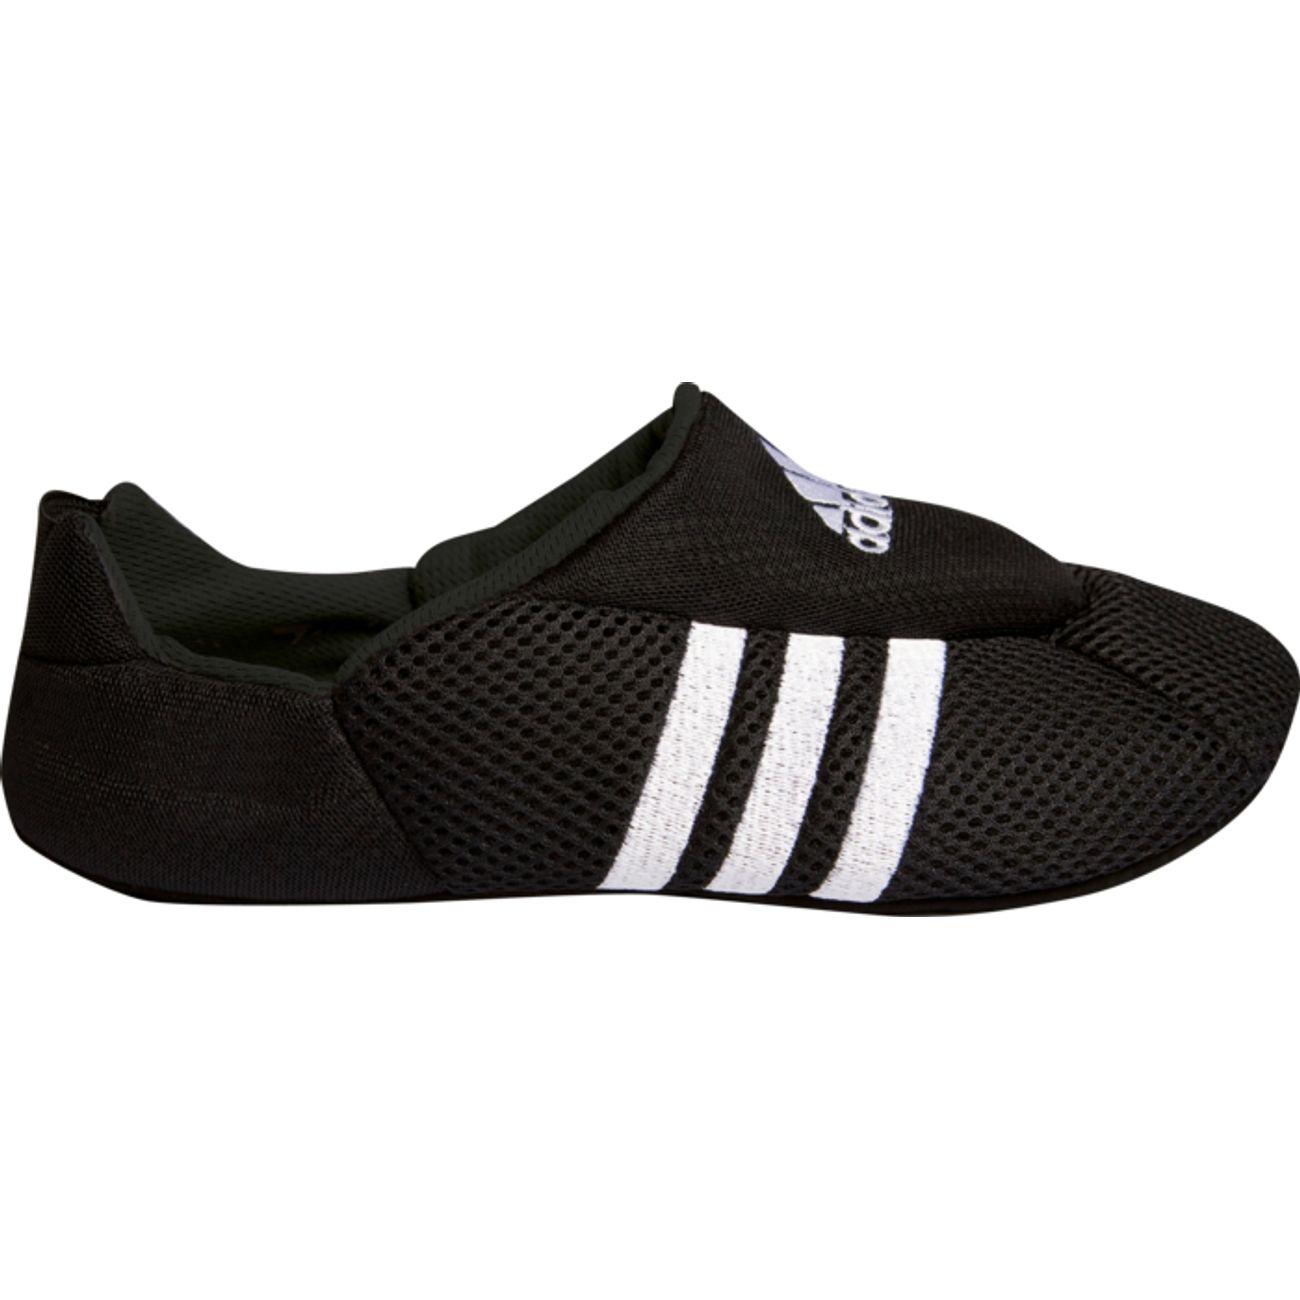 Plus Noirbleu Basses Vapormax Noir Baskets Air Nike Chaussures vZp6xPq